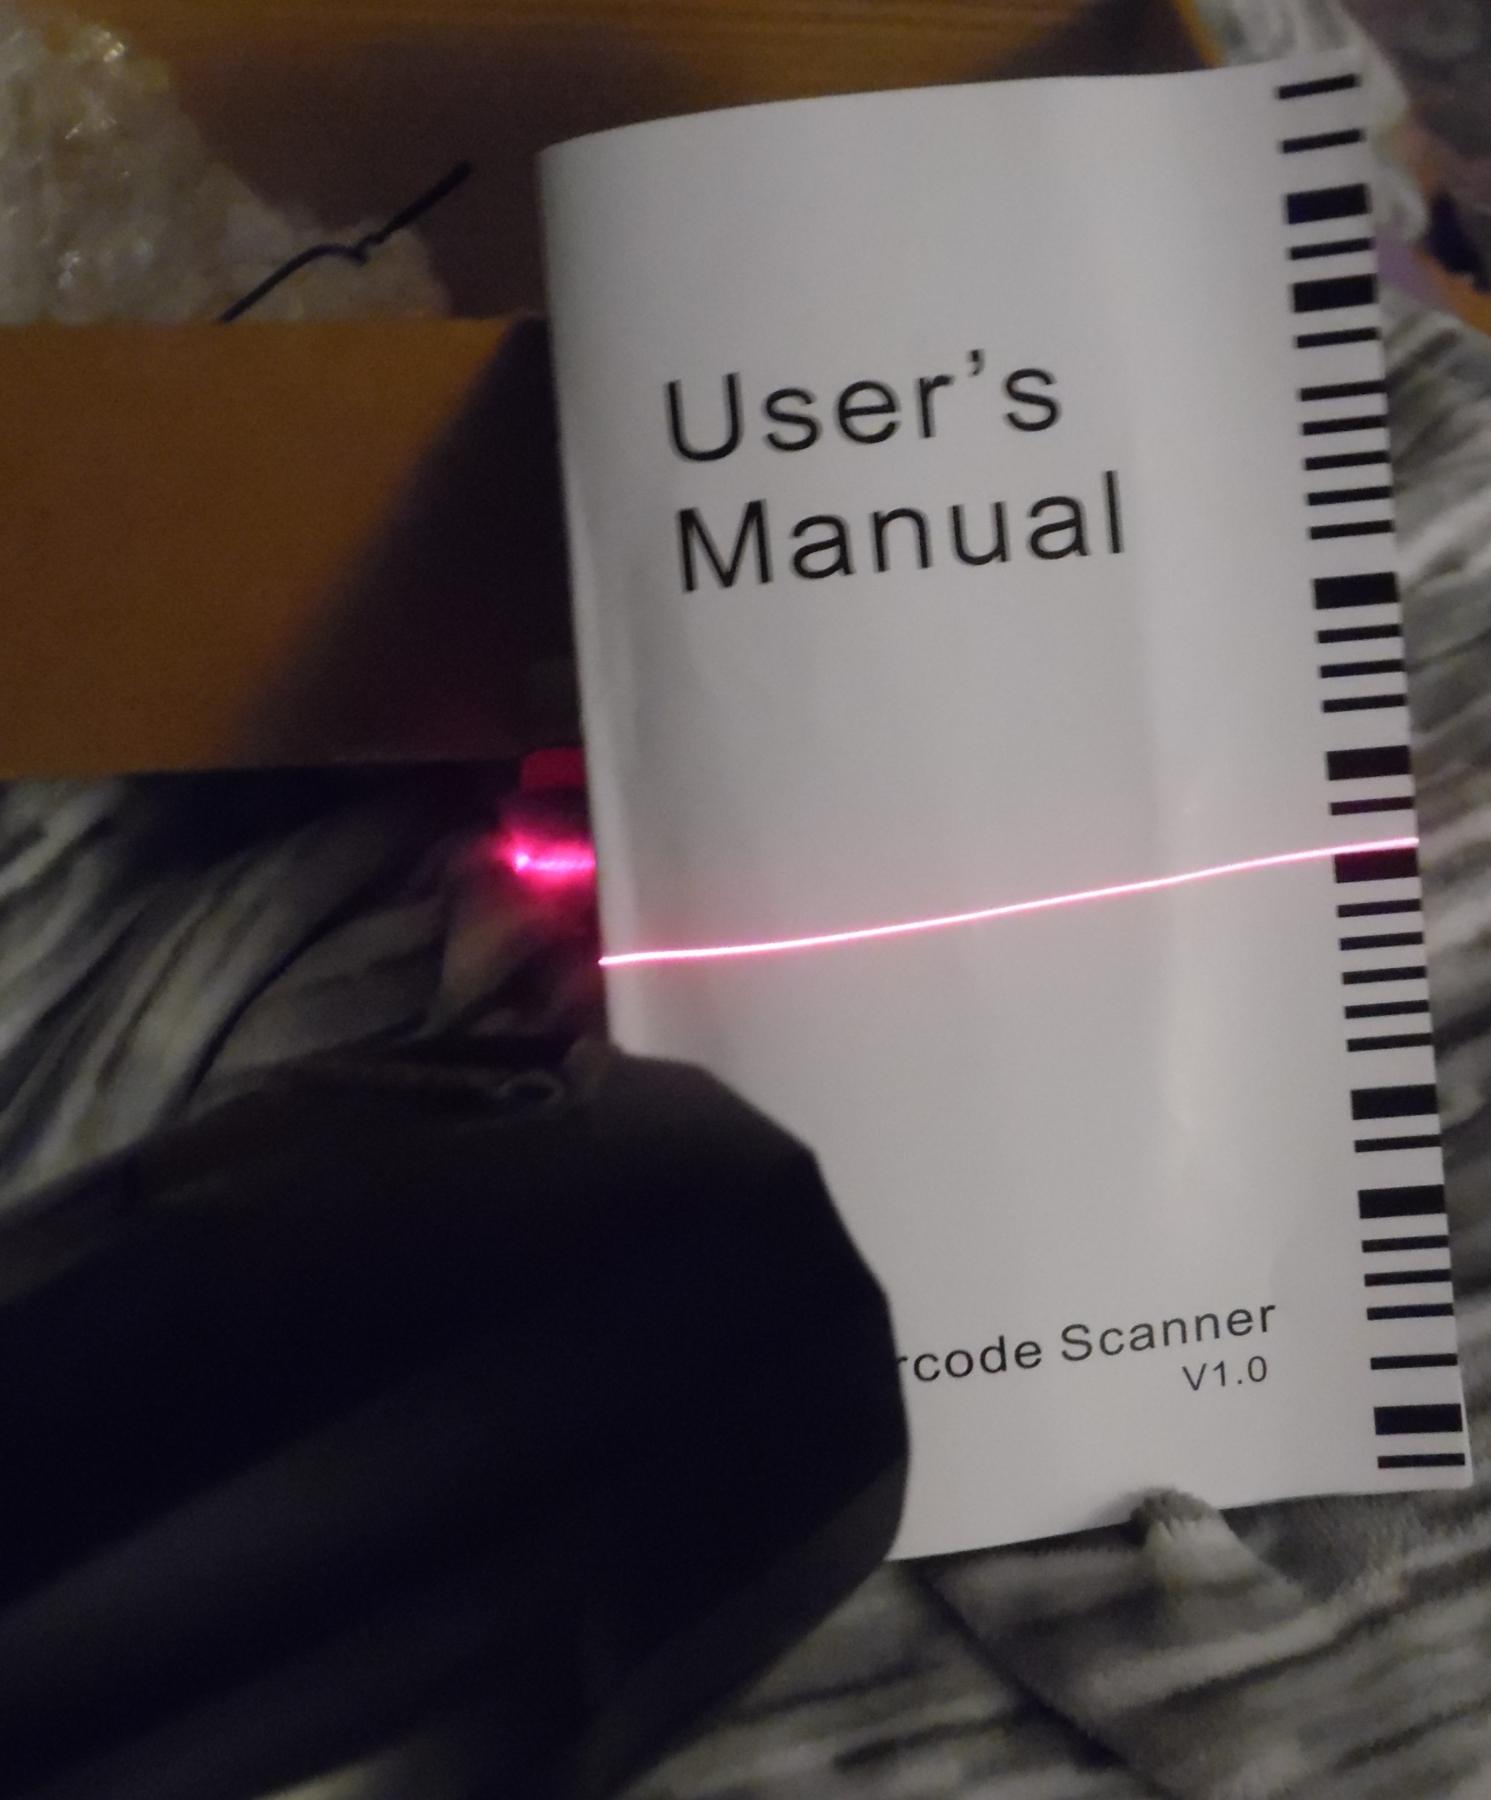 Nice Plug-n-Play Scanner